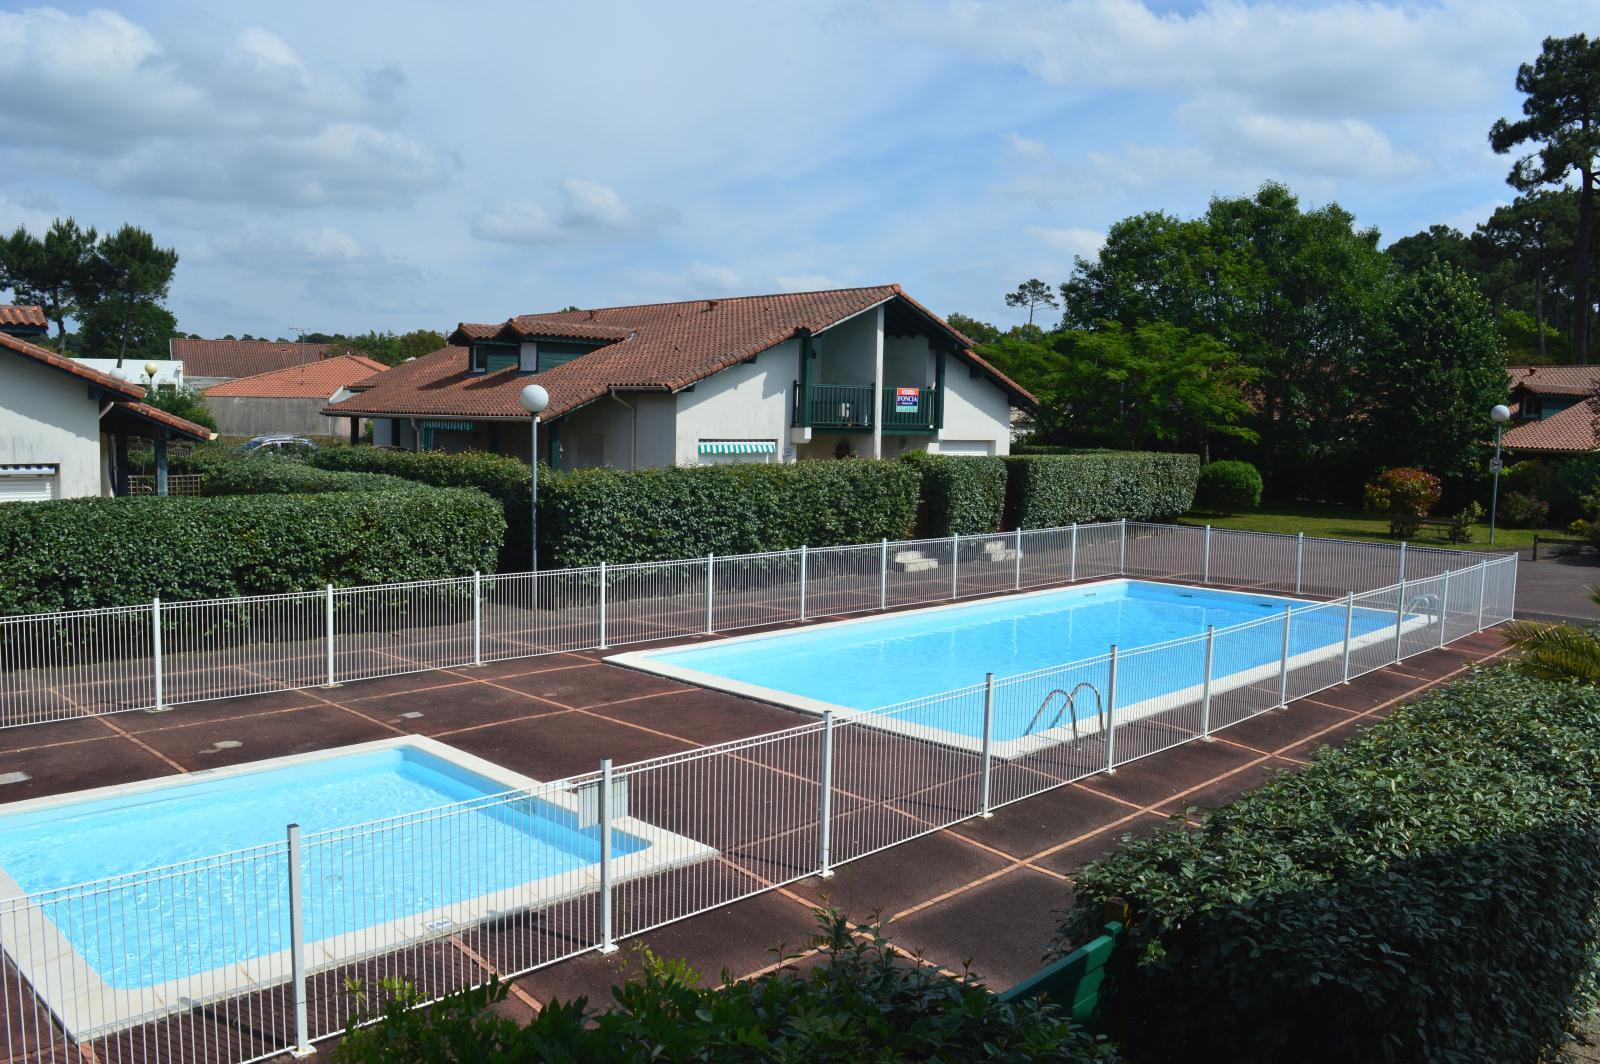 Location les estivales location vacances capbreton for Piscine capbreton